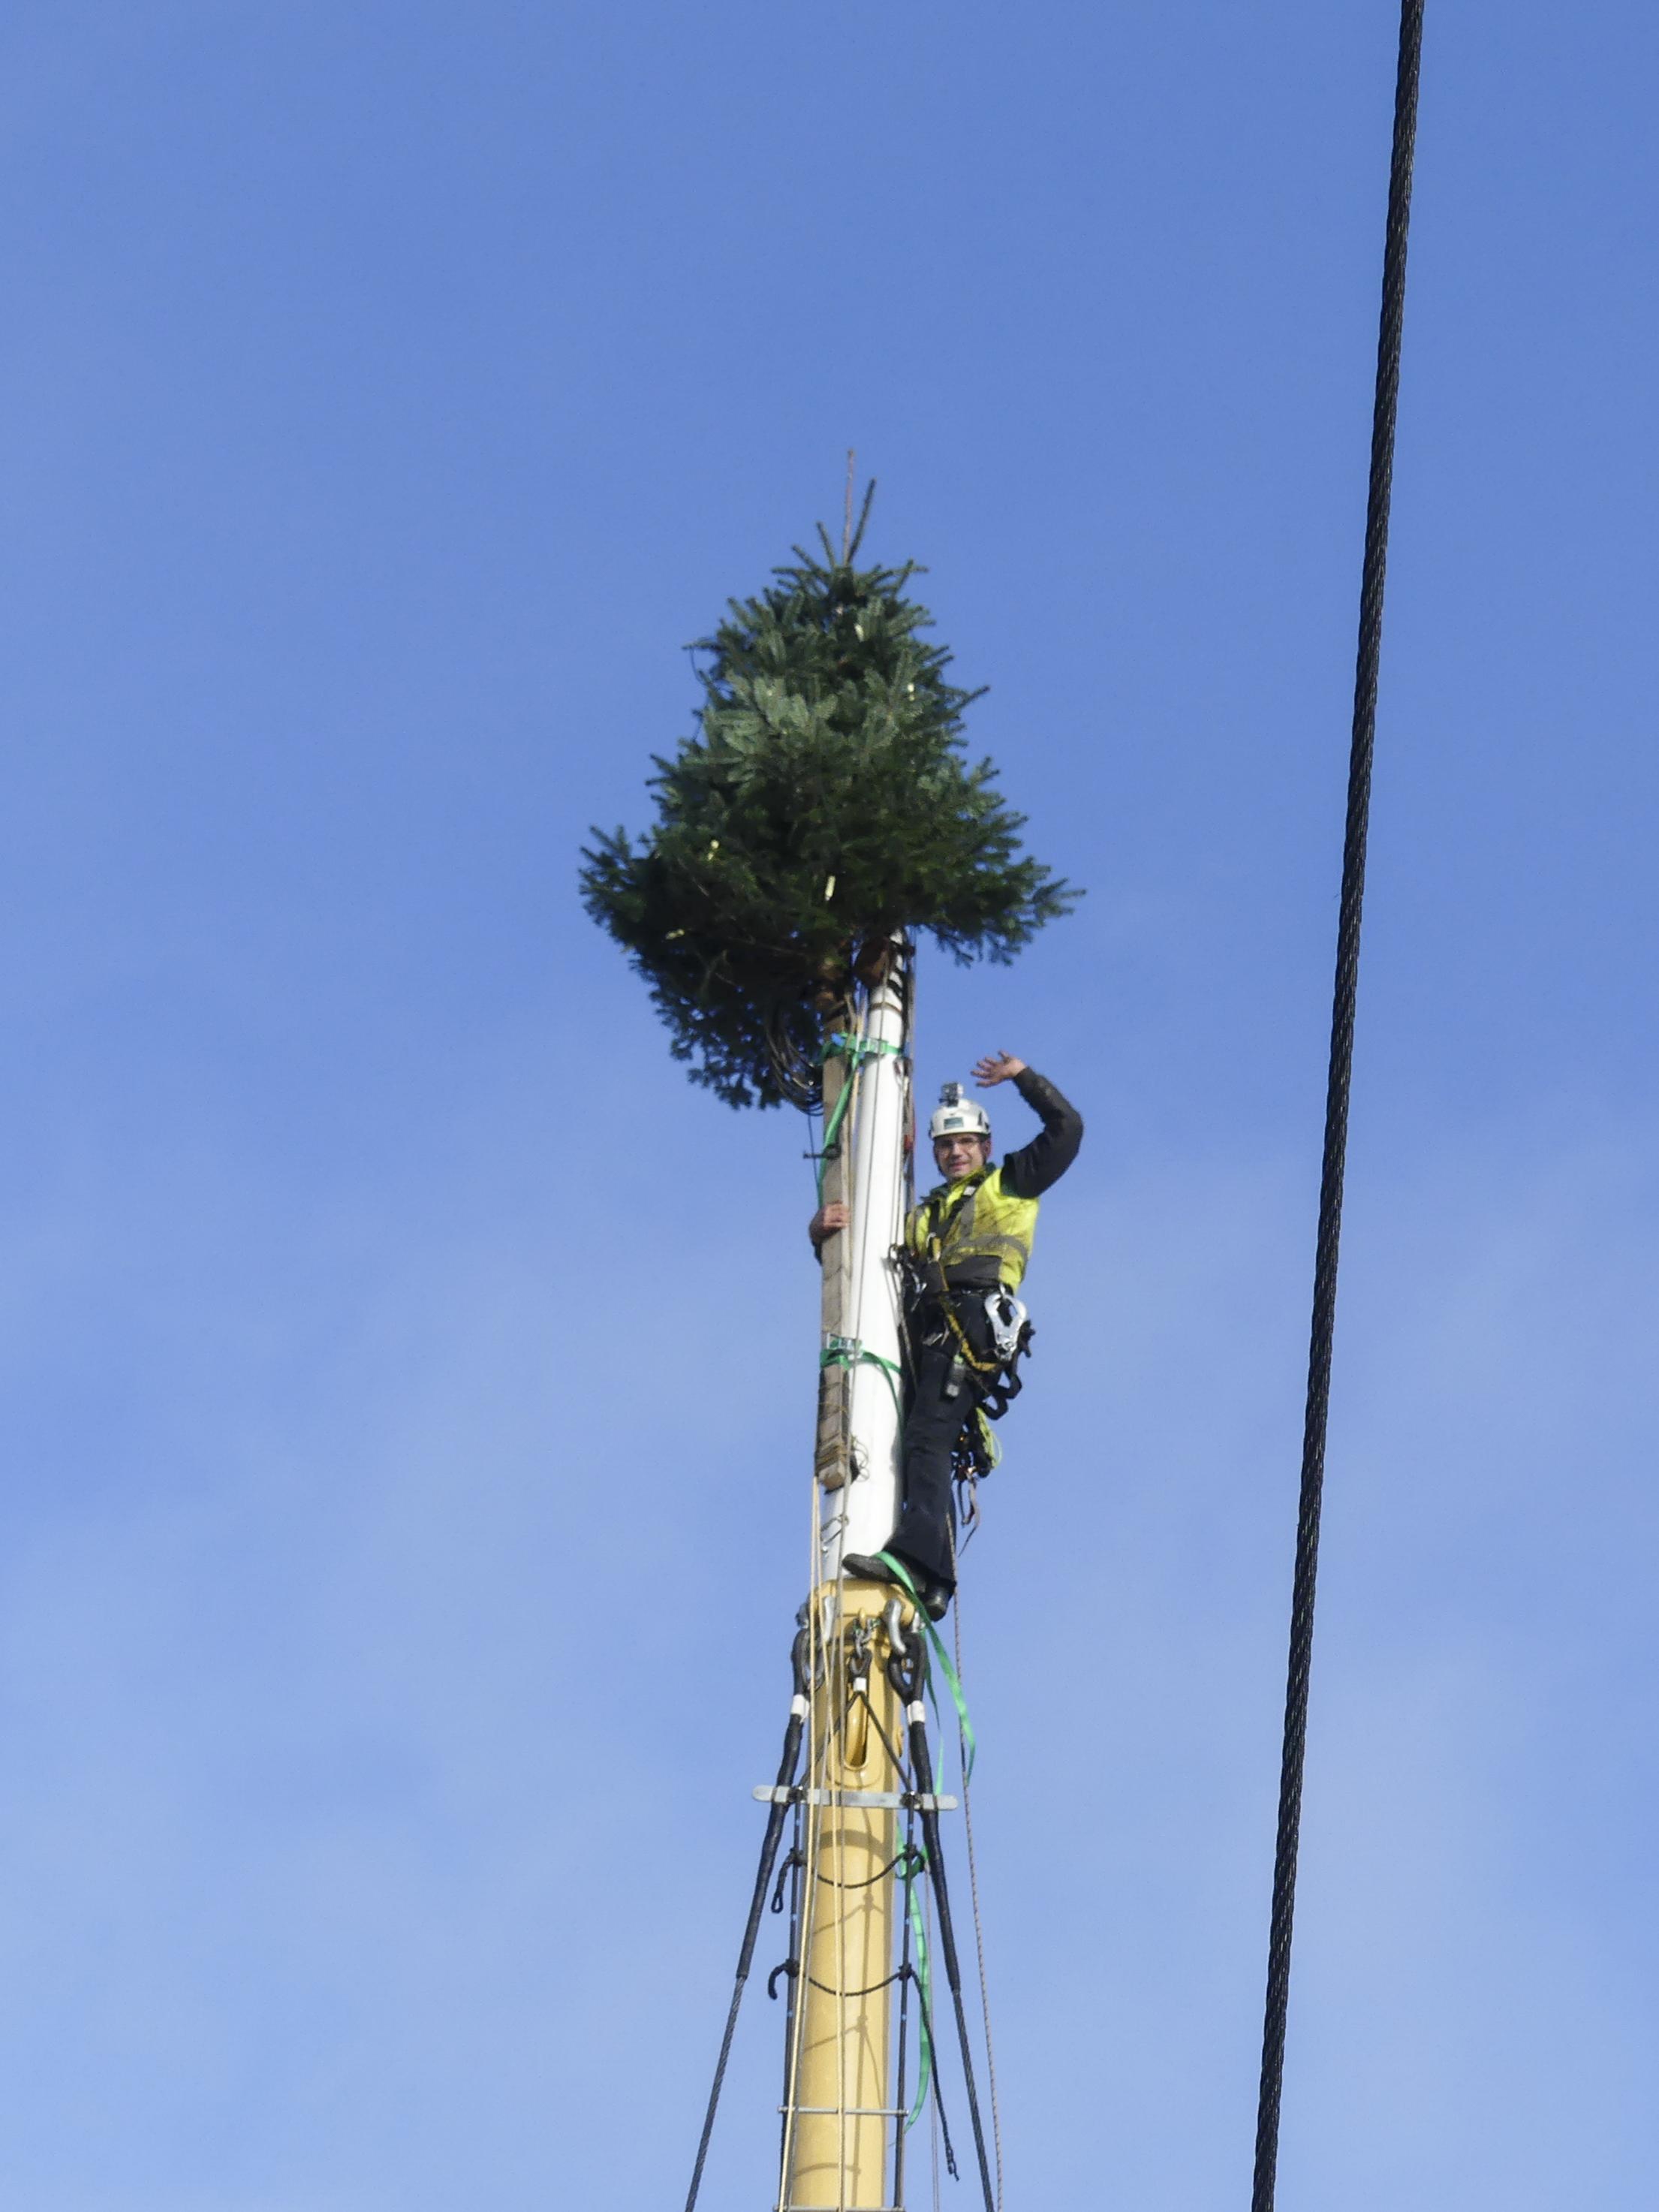 GABR_PEKING_Weihnachtsbaum aufriggen-1010587